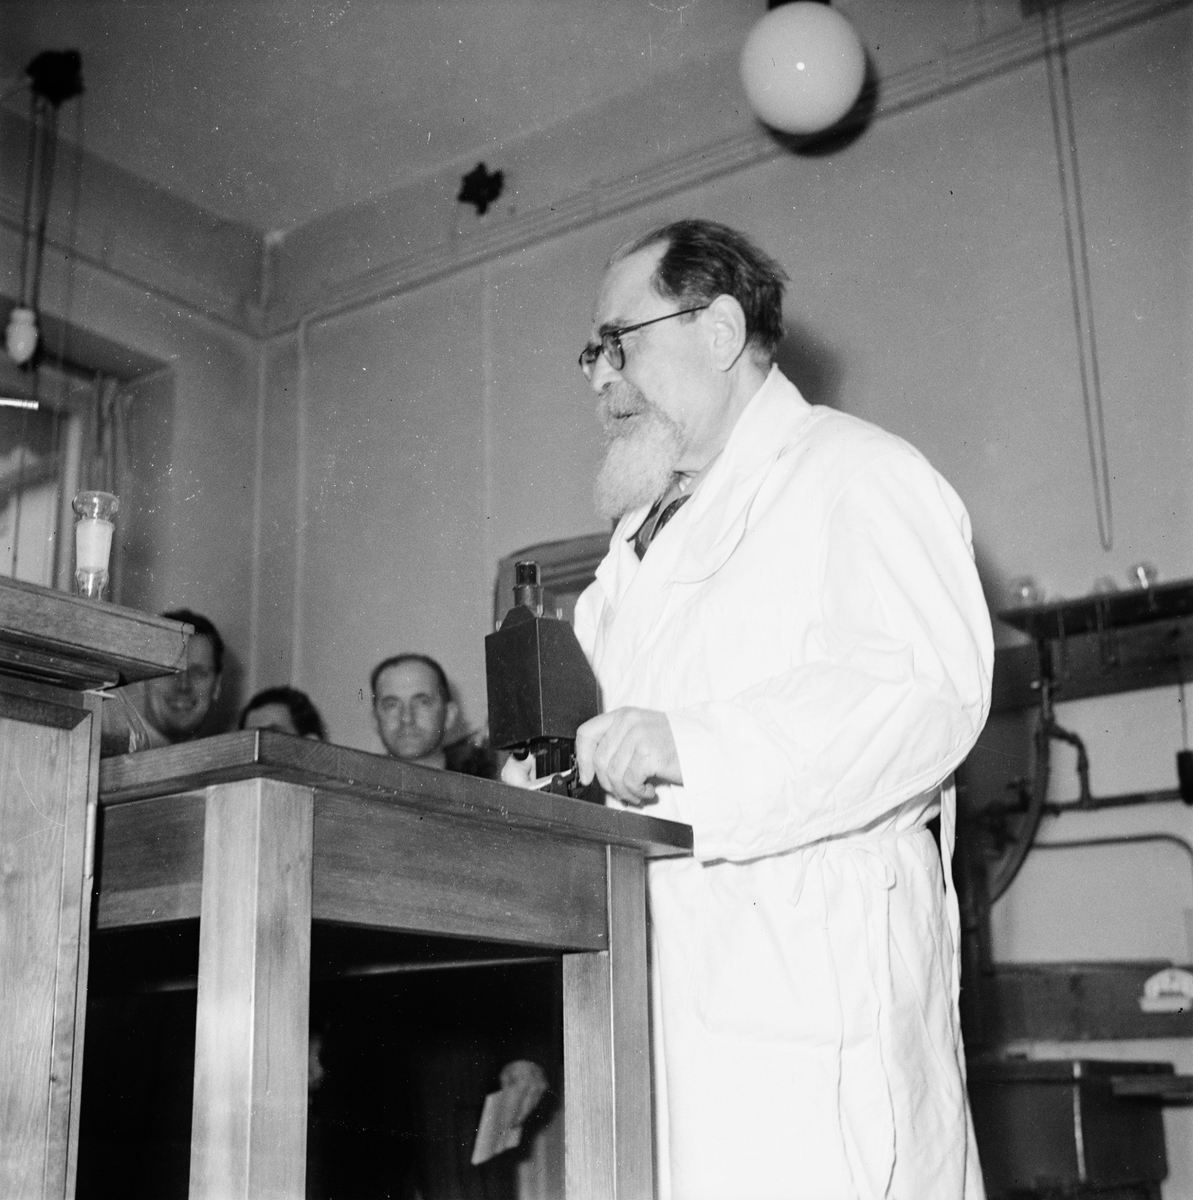 Pressvisning, man i laboratorium, Ultuna, Uppsala 1947